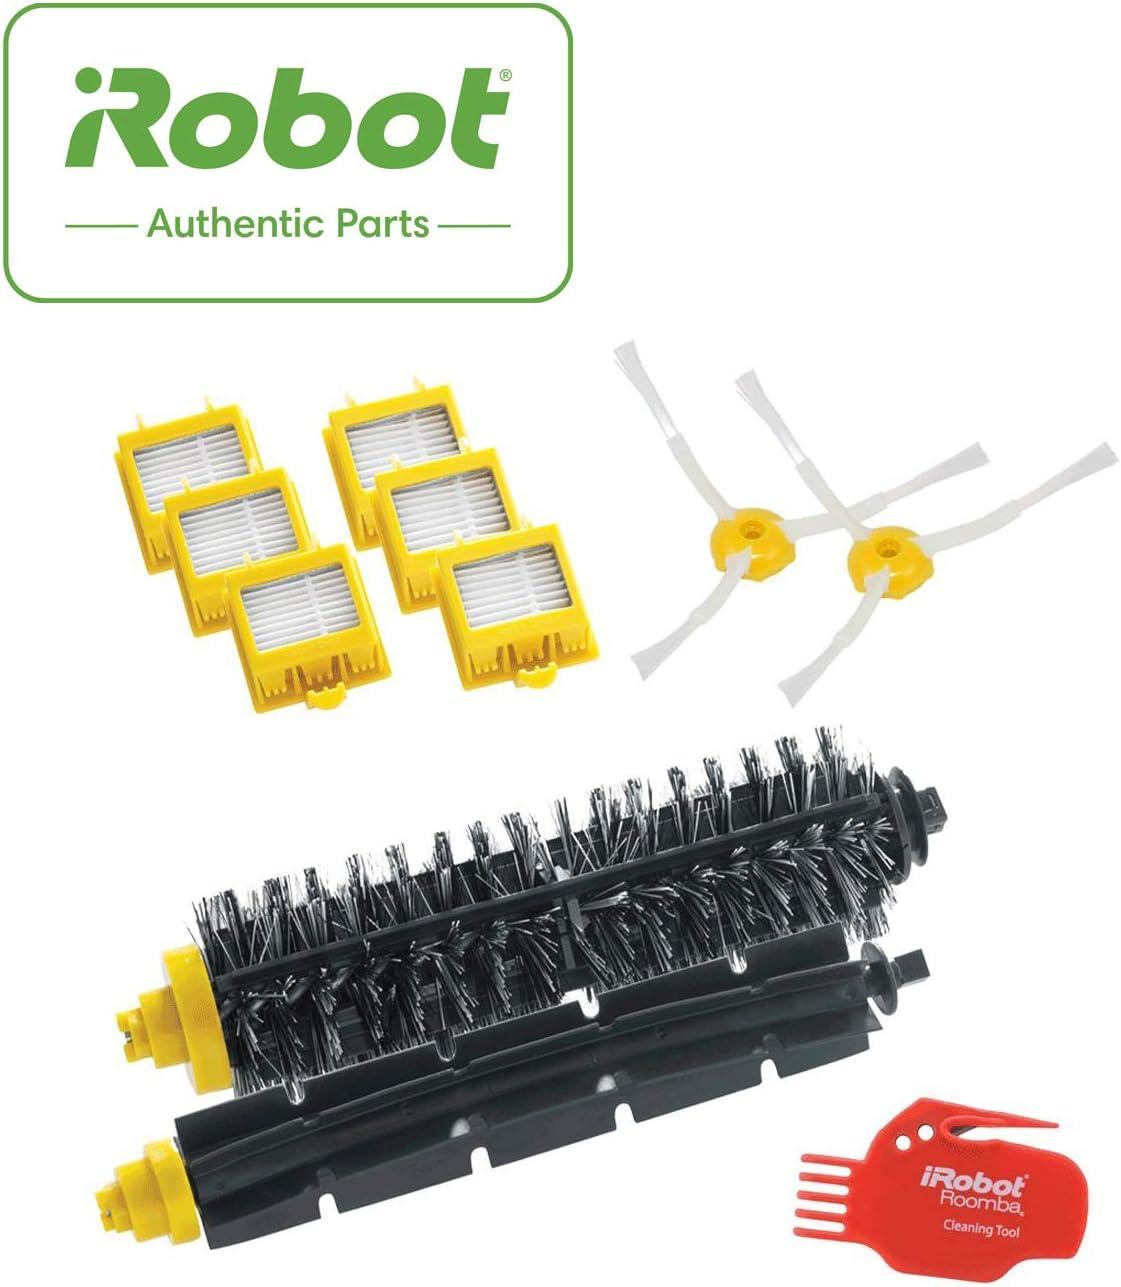 iRobot 4503462 Robot aspirador Filtro y cepillo accesorio y suministro de vacío - Accesorio para aspiradora (Robot vacuum, Filtro y cepillo, Negro, Rojo, Amarillo, 6 pieza(s), 1 brush cleaning tool): Amazon.es: Hogar